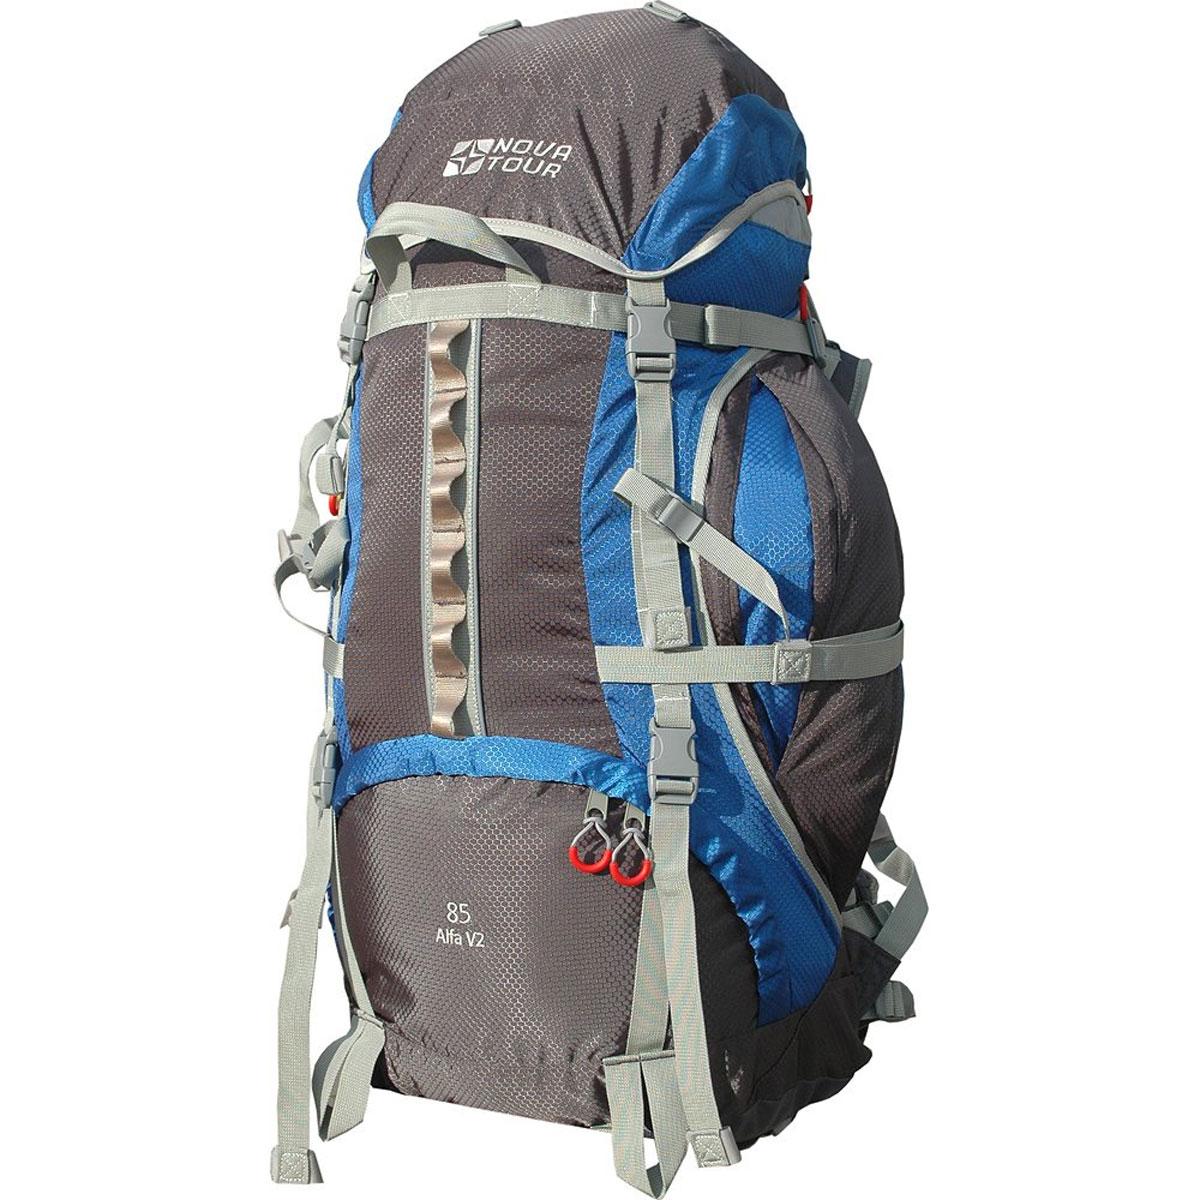 Рюкзак Nova Tour Альфа 85 V2, цвет: серый, синий. 95312-463-0095312-463-00Если вам нравится прыгать с камня на камень или двигаться по узкой горной тропе - этот рюкзак с усиленны- ми стропами специально для вас. Ваша спина будет благодарна за правильно распределяющую вес на плечи и пояс и уменьшающую нагрузку на позвоночник подвесную систему. Теперь доступ к нужным в дневном переходе вещам стал проще благодаря двум вместительным боковым карманам. Если их мало, то на дне рюкзака имеется удобное крепление для габаритных вещей (палатки). Для большего удобства крепления горного инвентаря разработана новая система навески. Если нужно что-то достать со дна рюкзака воспользуйтесь удобным нижним входом. В горах погода переменчива, может внезапно пойти дождь, но вещи всегда будут оставаться сухими, с идущим в комплекте гермочехлом в потайном кармане, на дне рюкзака. На концах боковых стяжек имеются липучки для закрепления излишков стропы. Особенности: Подвеска: ABS V2; Ткань: Poly Oxford 600D PU RipStop; Защитный чехол; ...